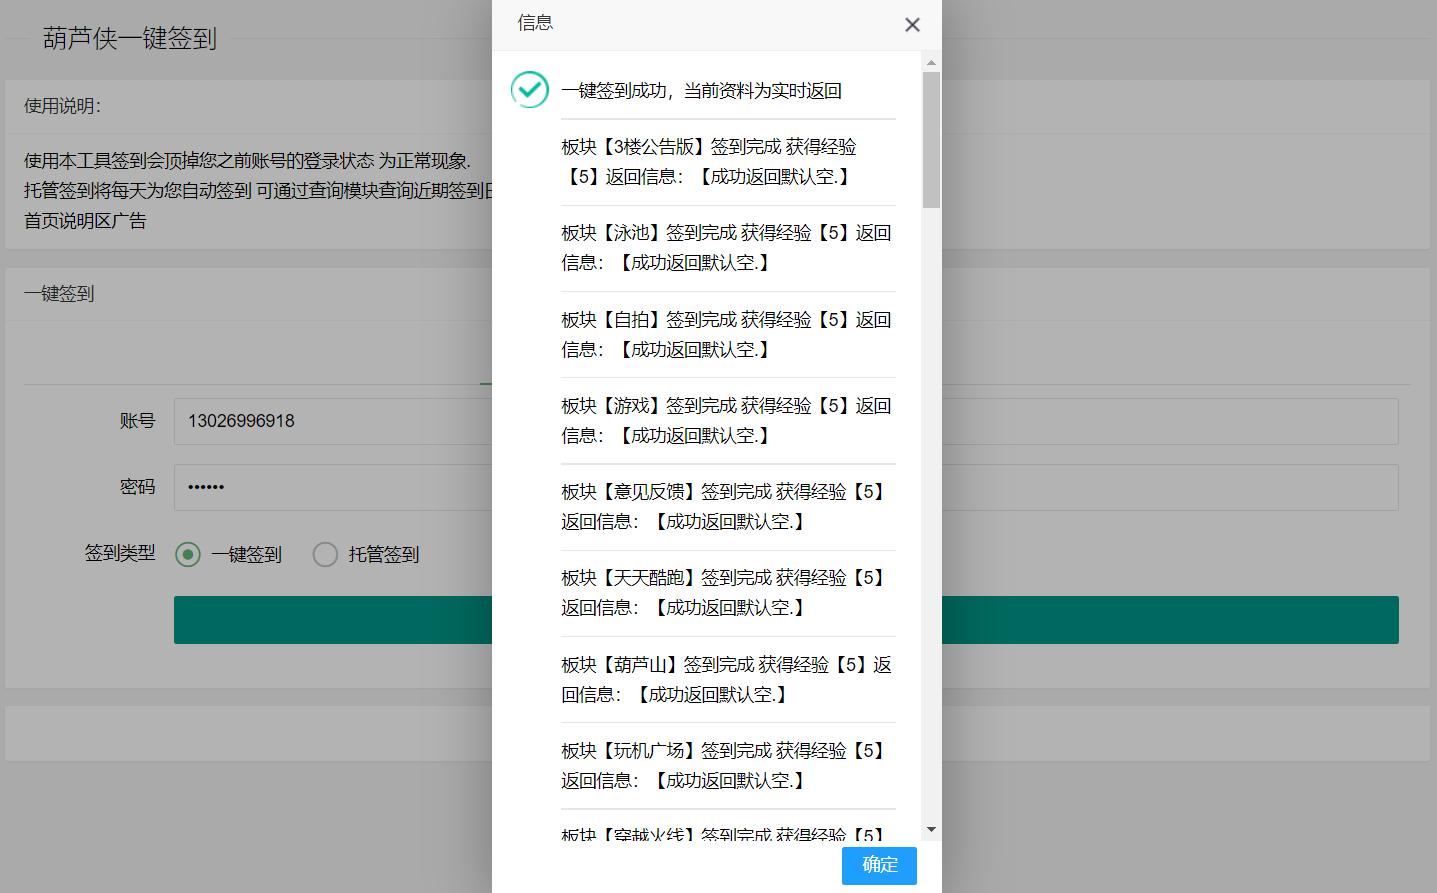 葫芦侠一键签到网页版工具源码葫芦侠工具图片